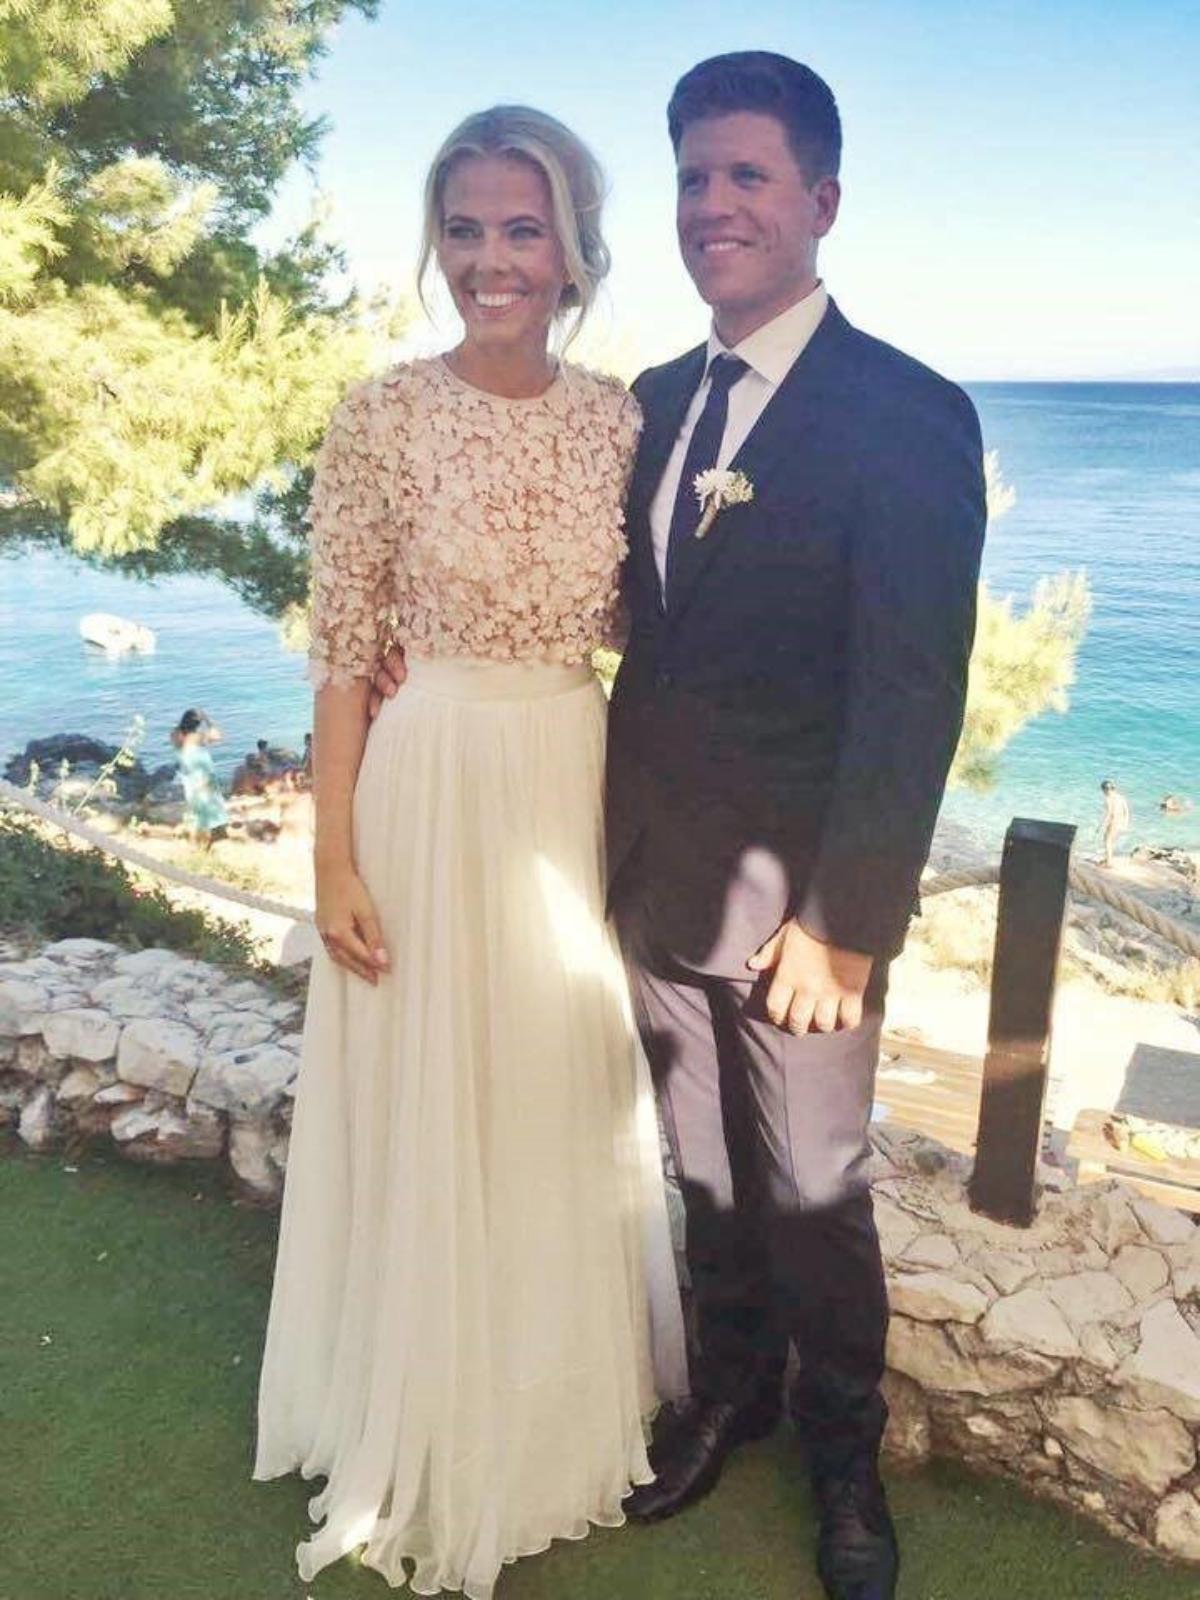 Therese og Espen, Bryllup i Trogir, 20. august 2016